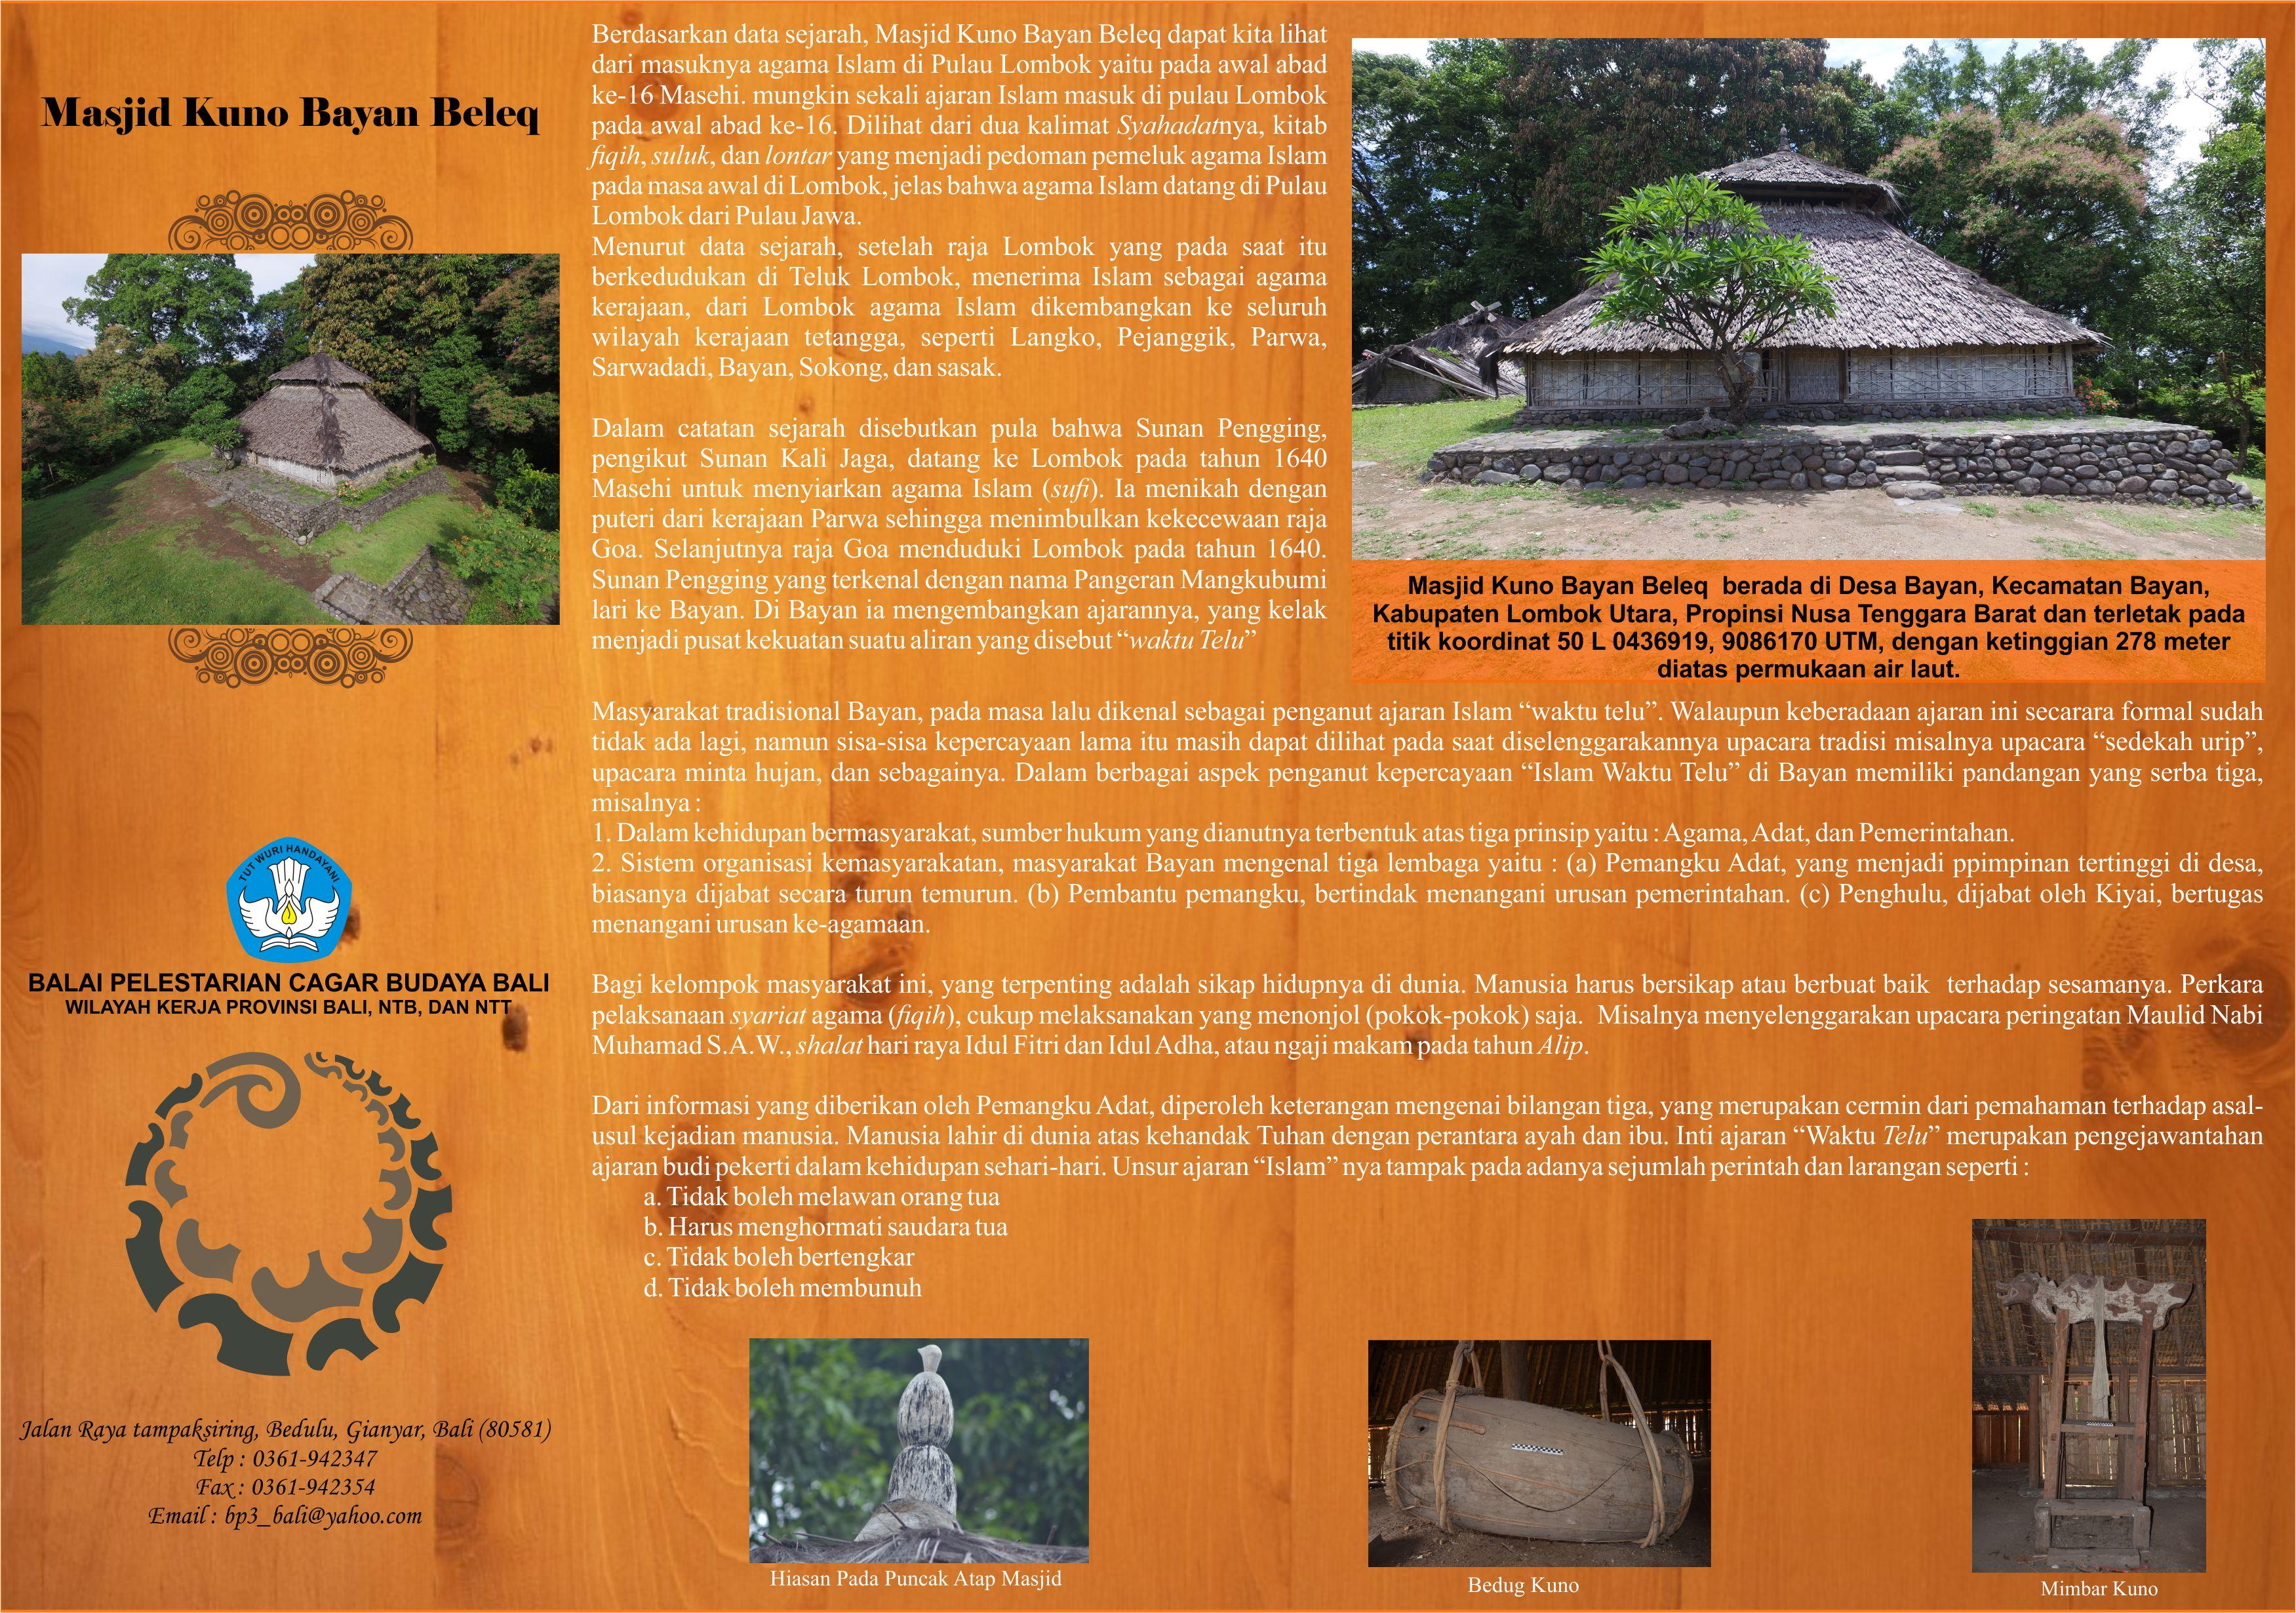 Brosur Masjid Bayan Beleq Depan Balai Pelestarian Cagar Budaya Bali